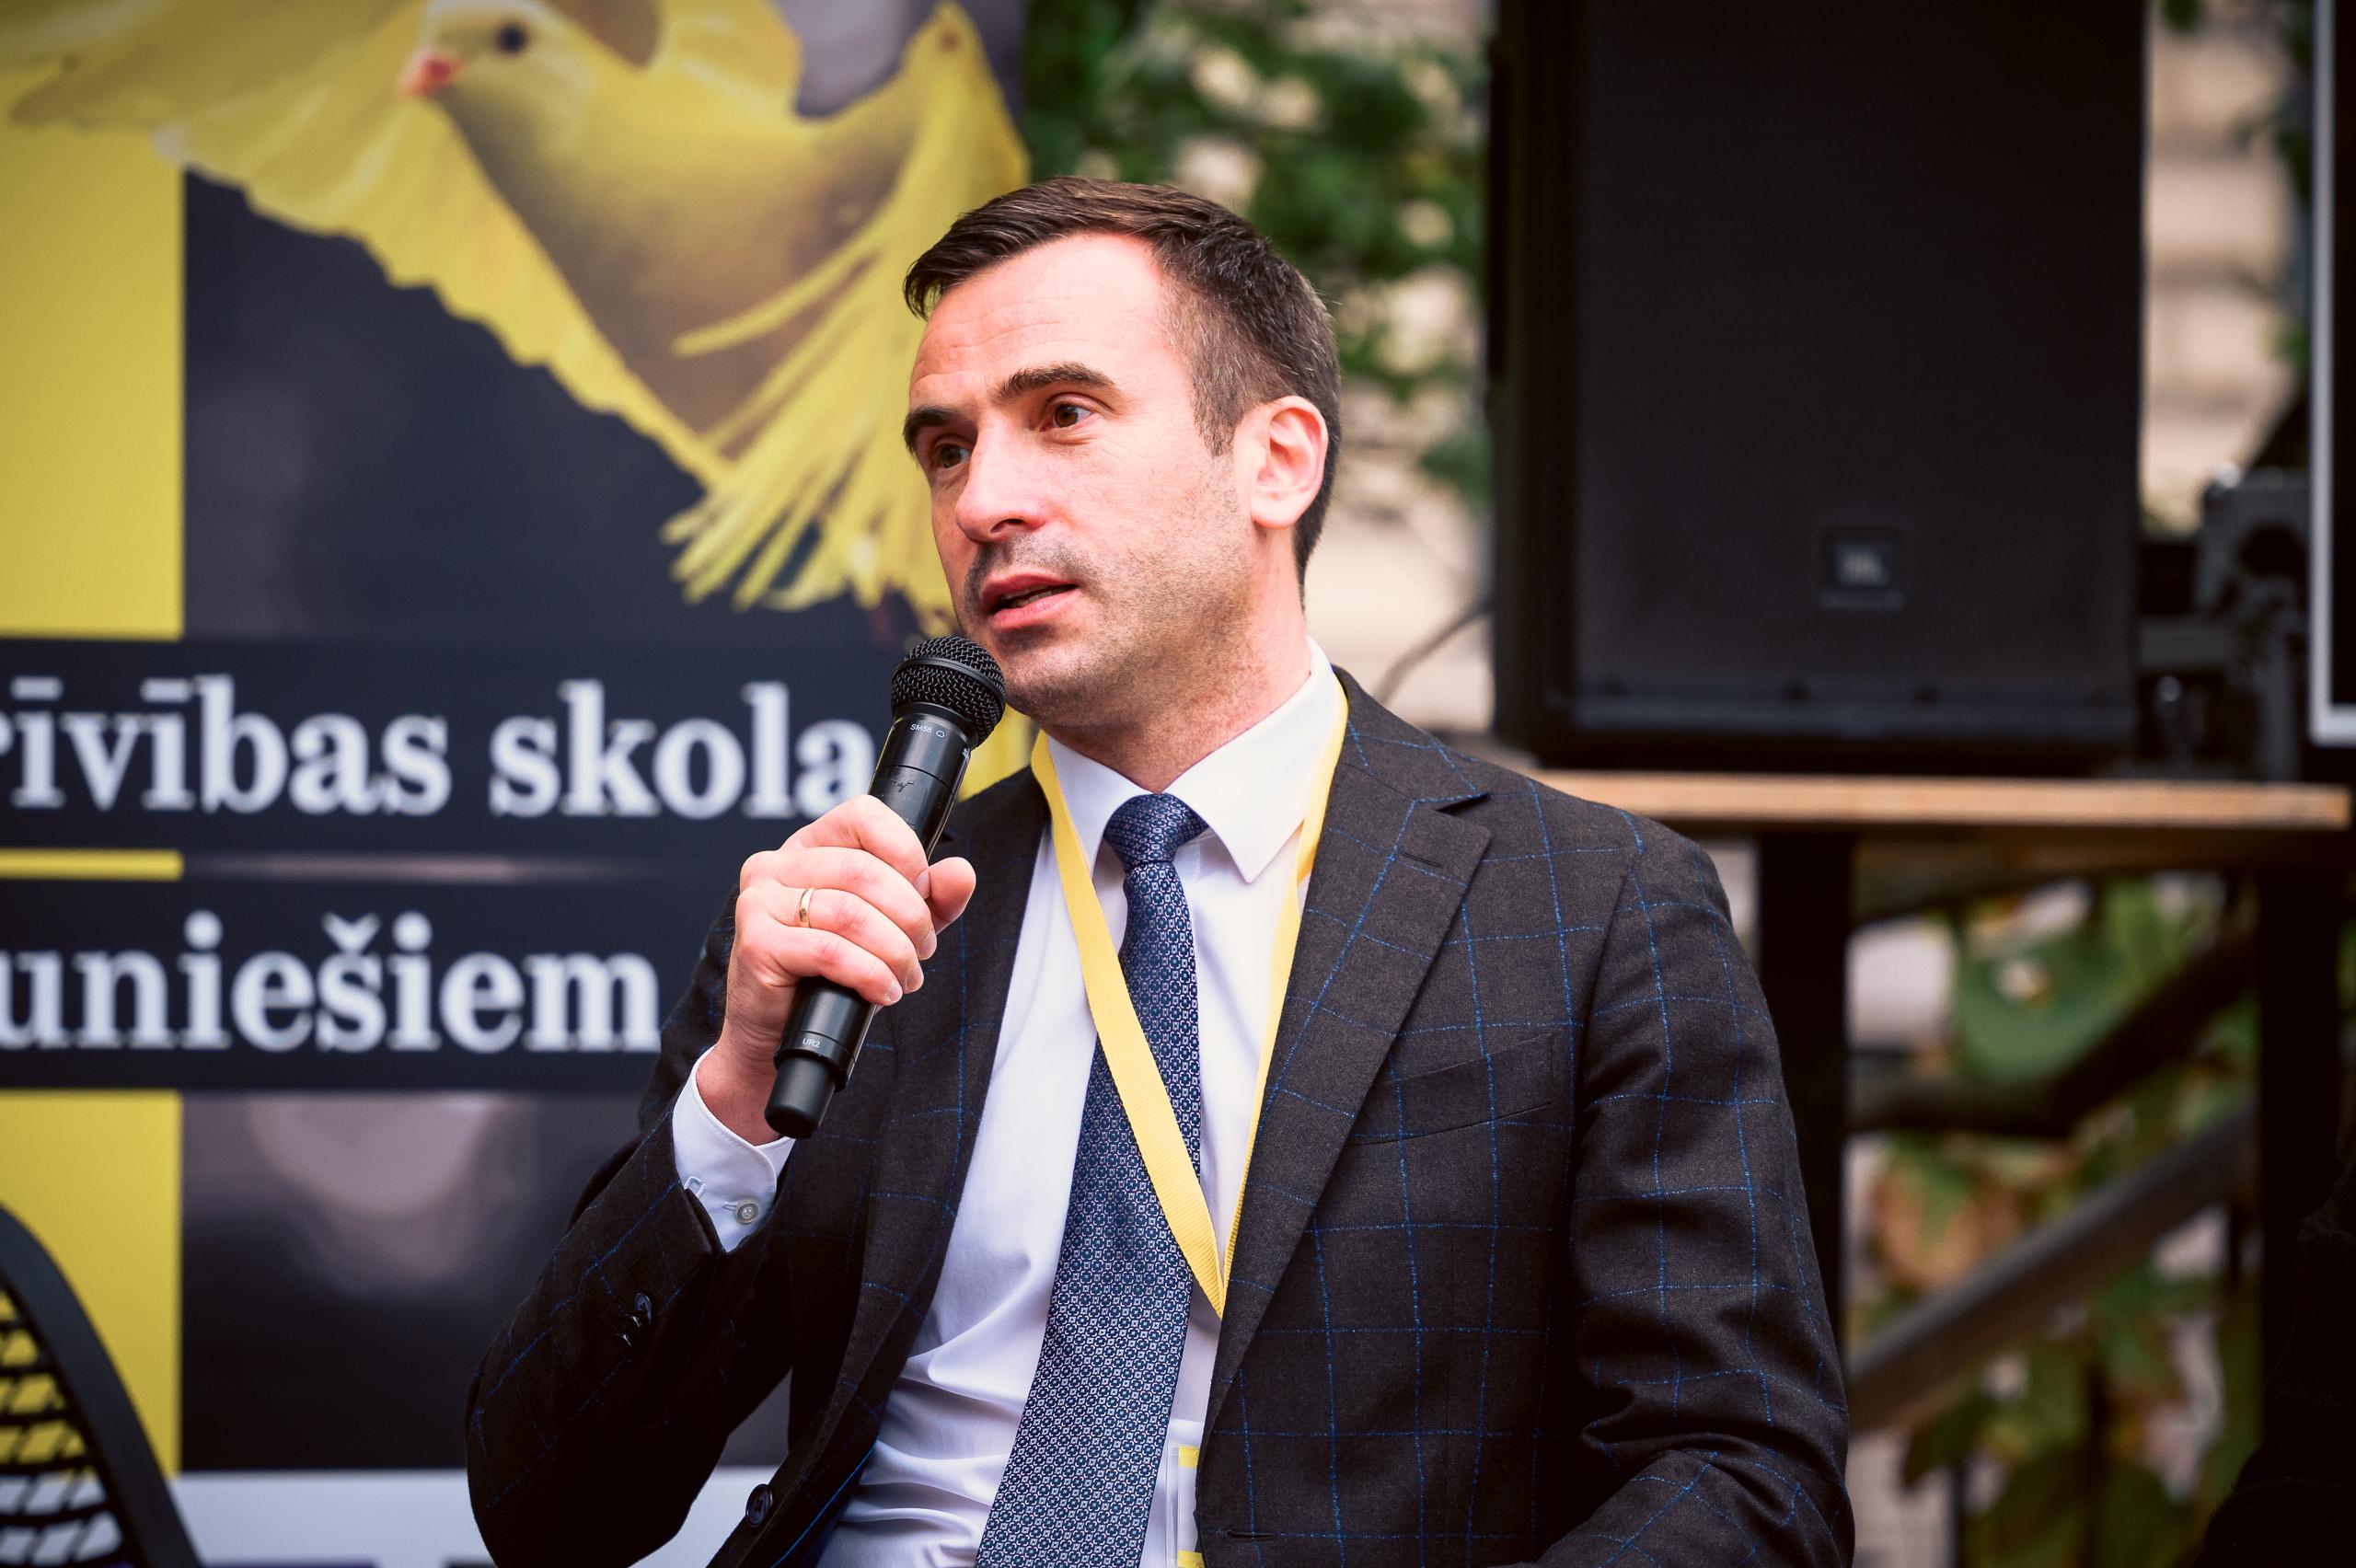 Rīgas mērs un pašvaldības pārstāvji tiksies ar apkaimju iedzīvotājiem